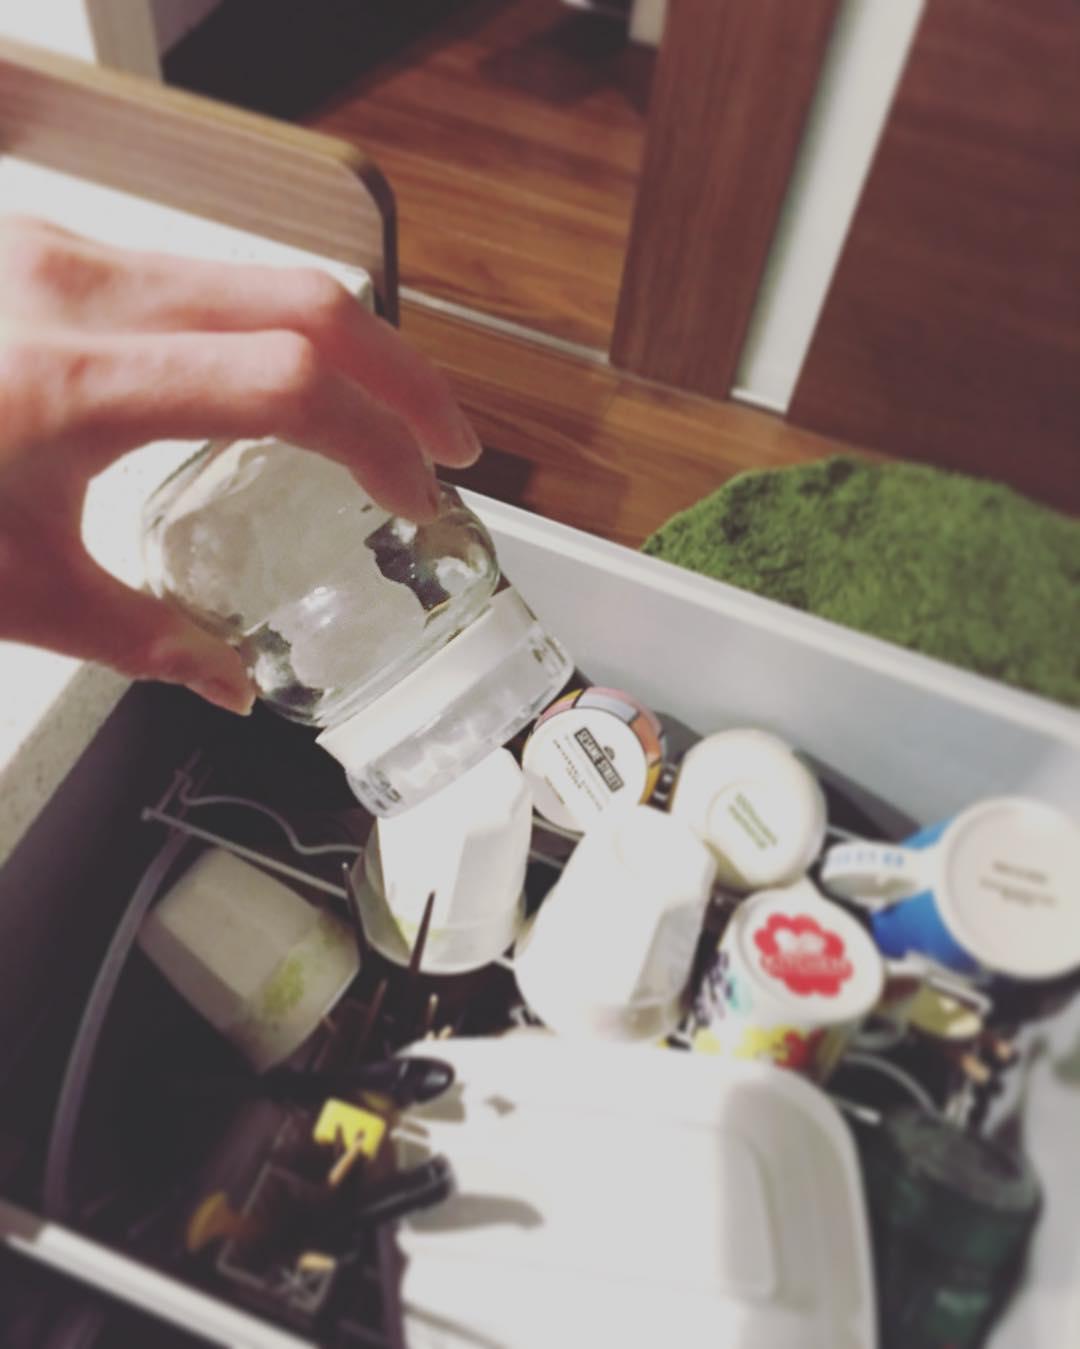 洗碗机清洗婴儿瓶